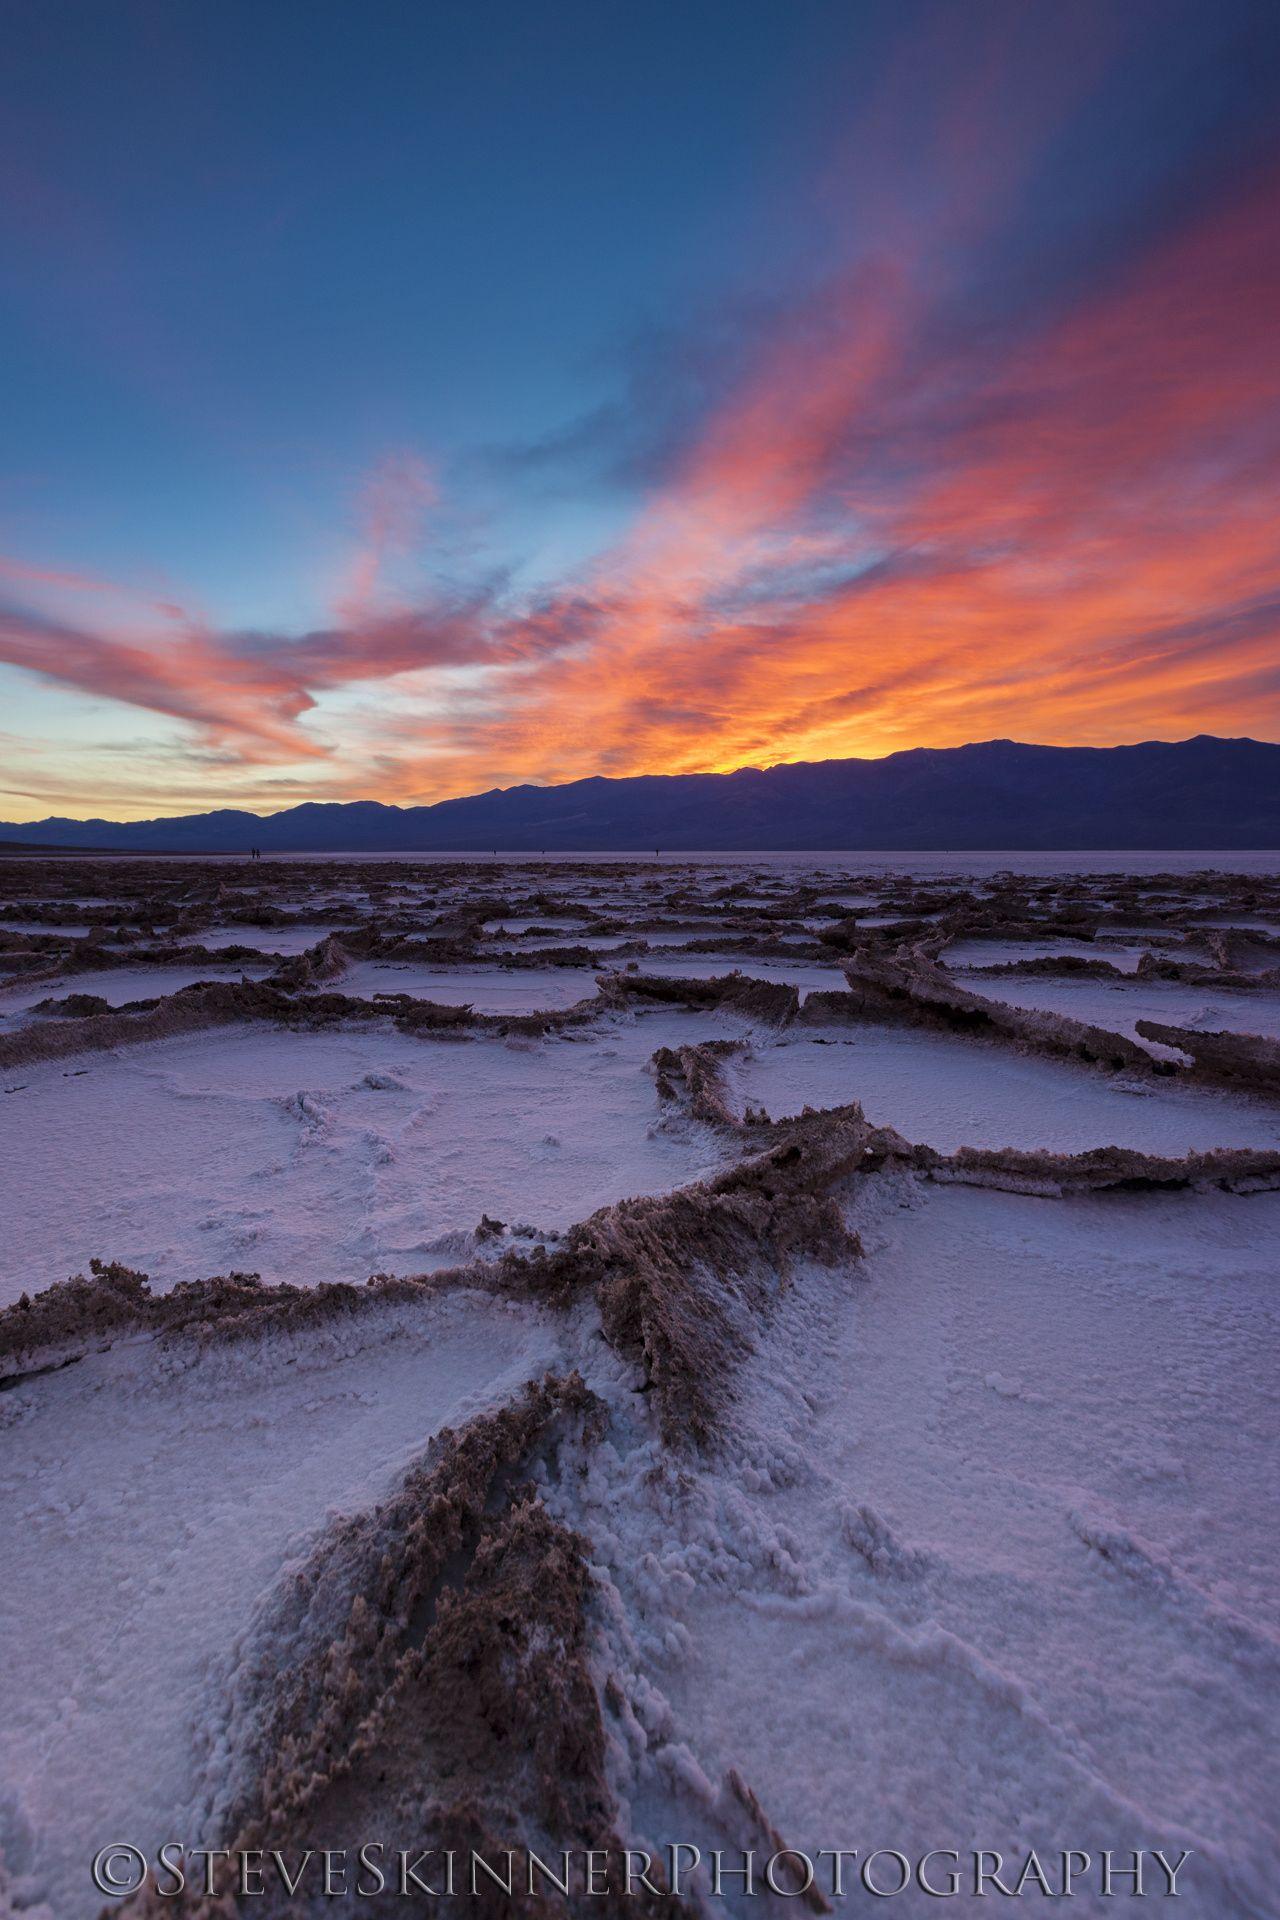 Ridges of Salt by Steve Skinner on 500px